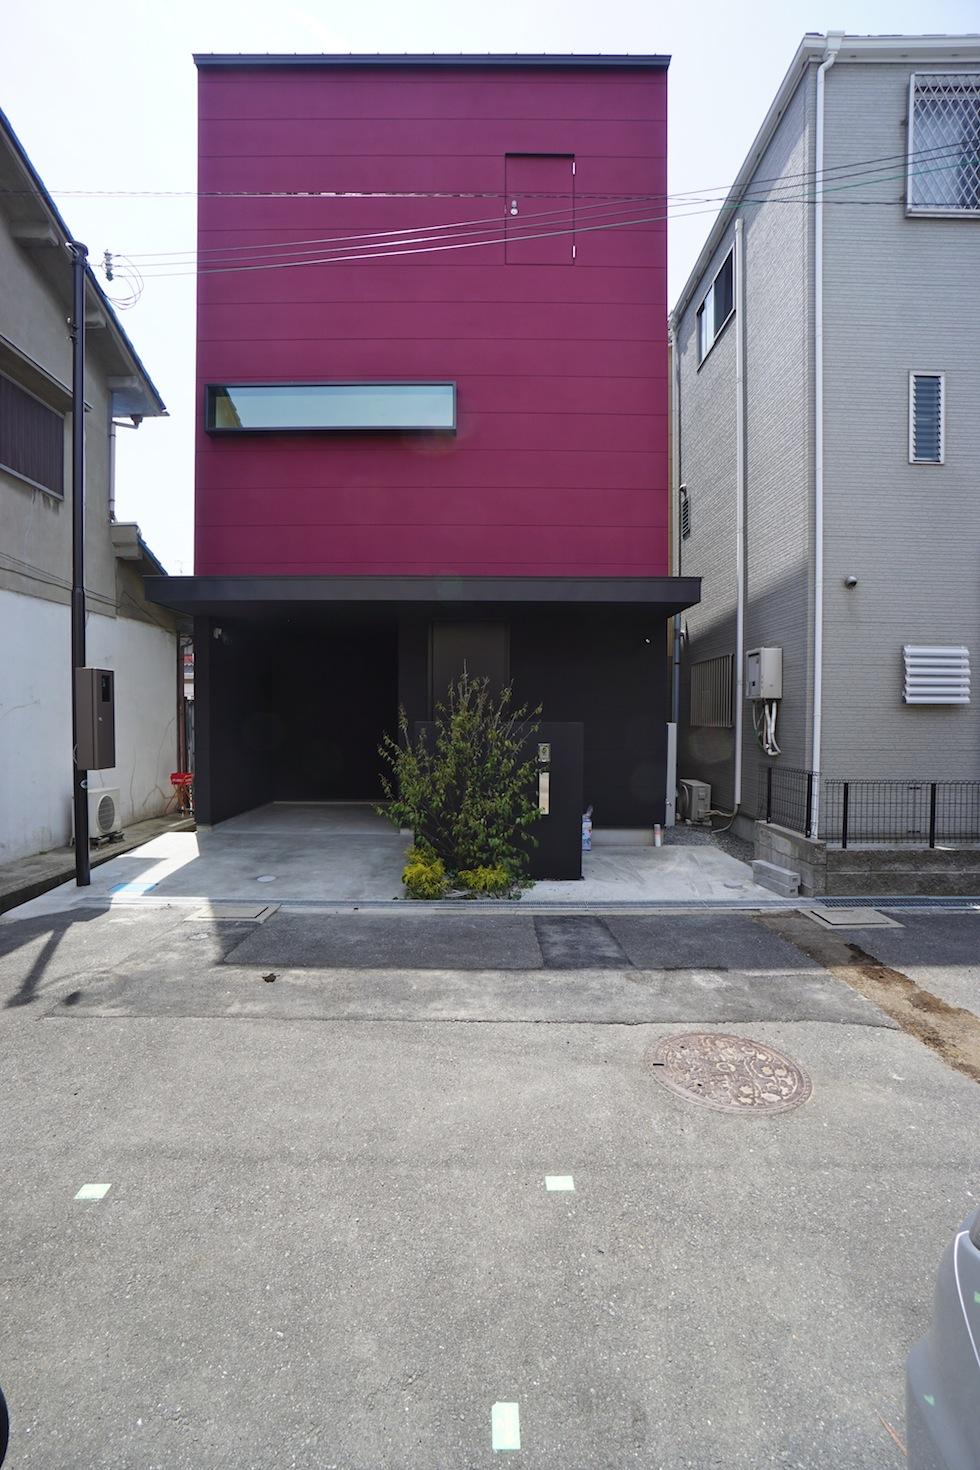 高級注文住宅,設計事務所,建築家,大阪,京都,神戸,3階建てデザイン,リビング,グランピングテラス,外観デザイン